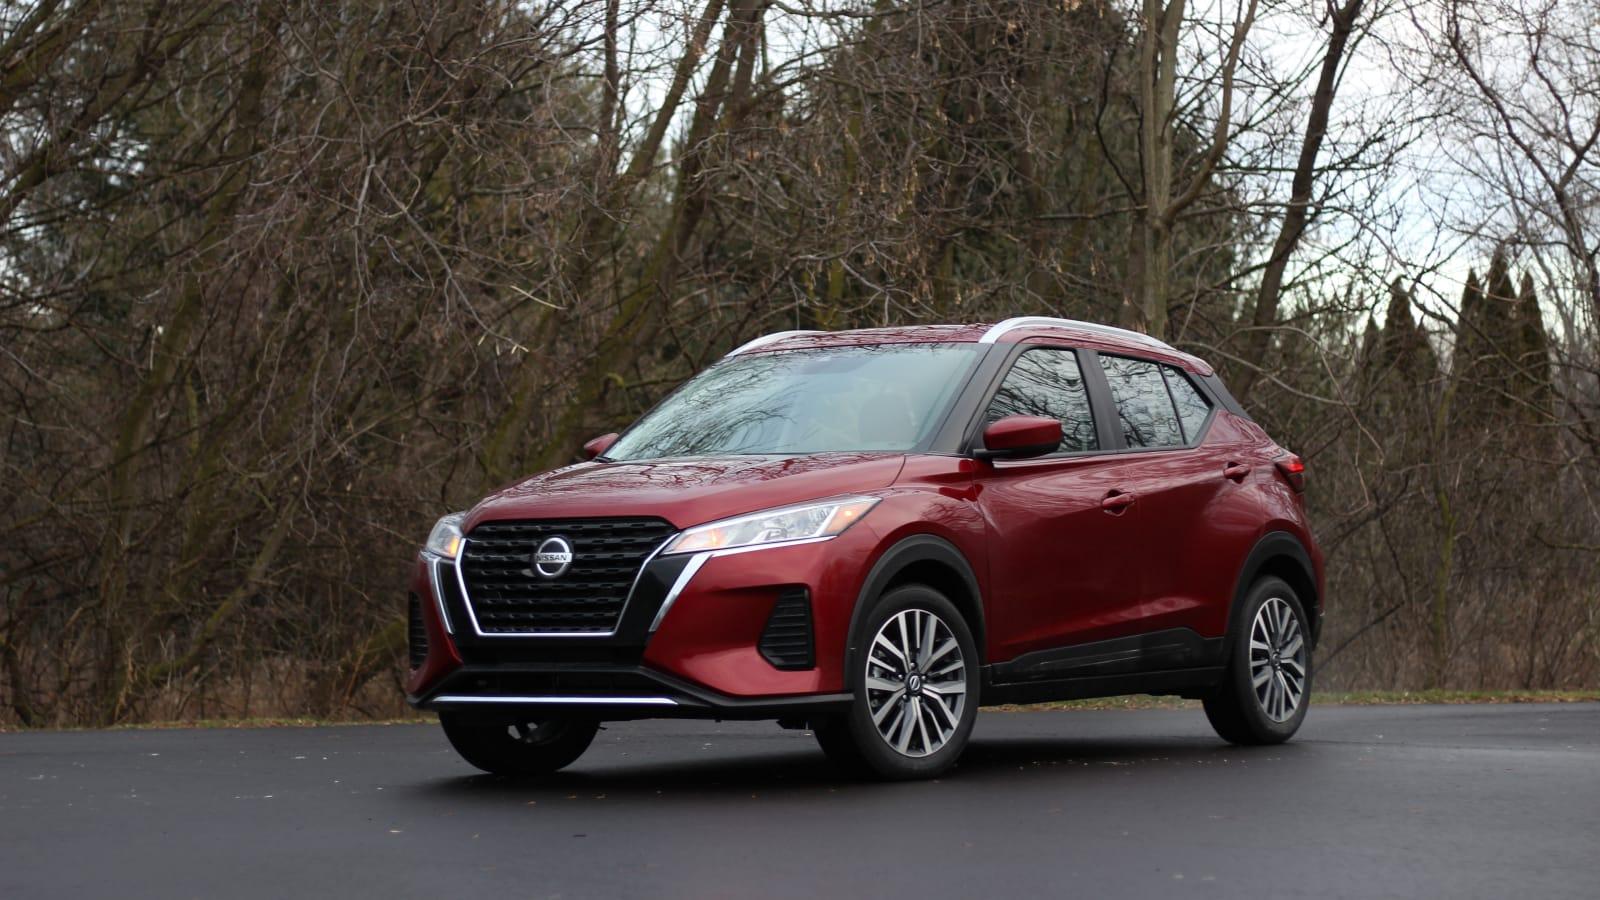 2021 Nissan Kicks SV in red